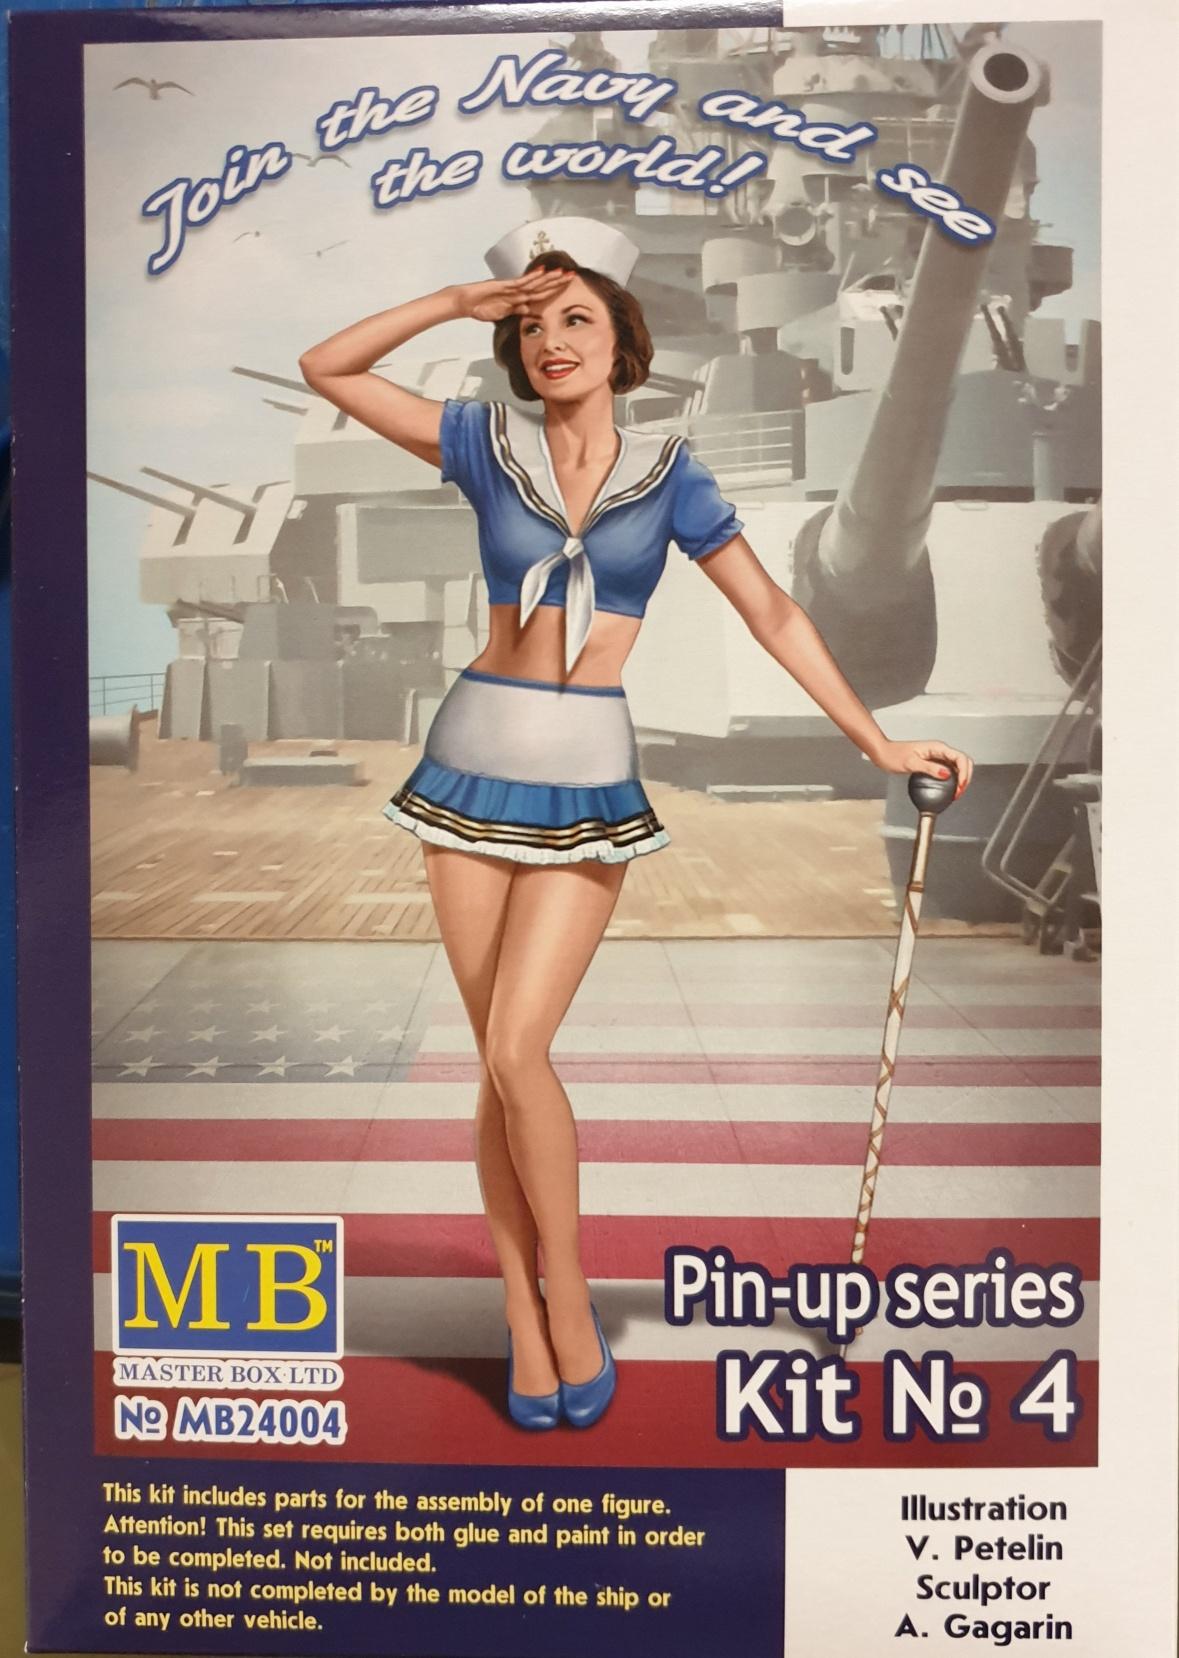 Master Box 24004 Pin-Up series Kit No 4.